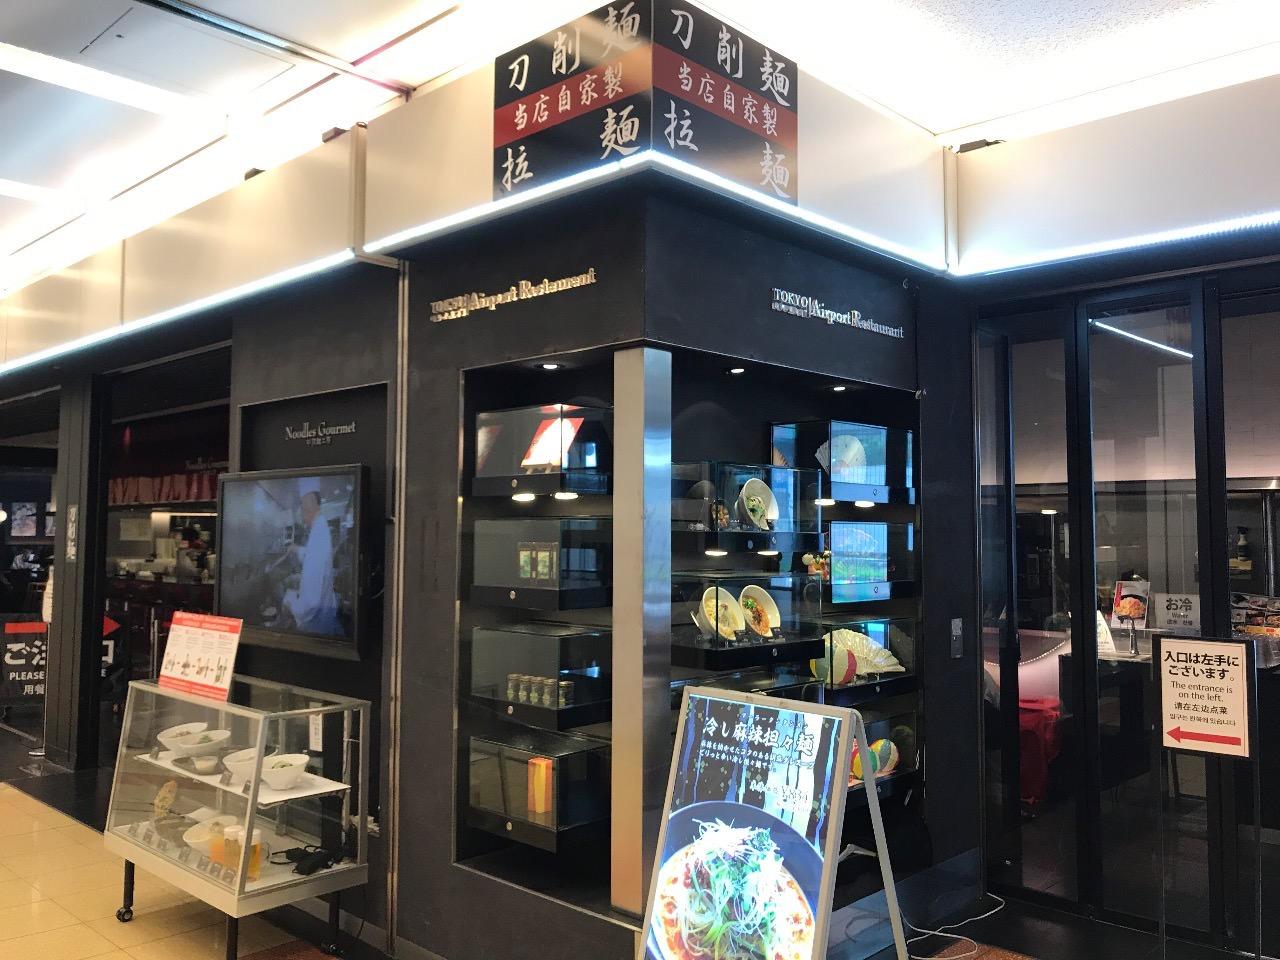 羽田空港 トーキョーエアポートレストラン 02